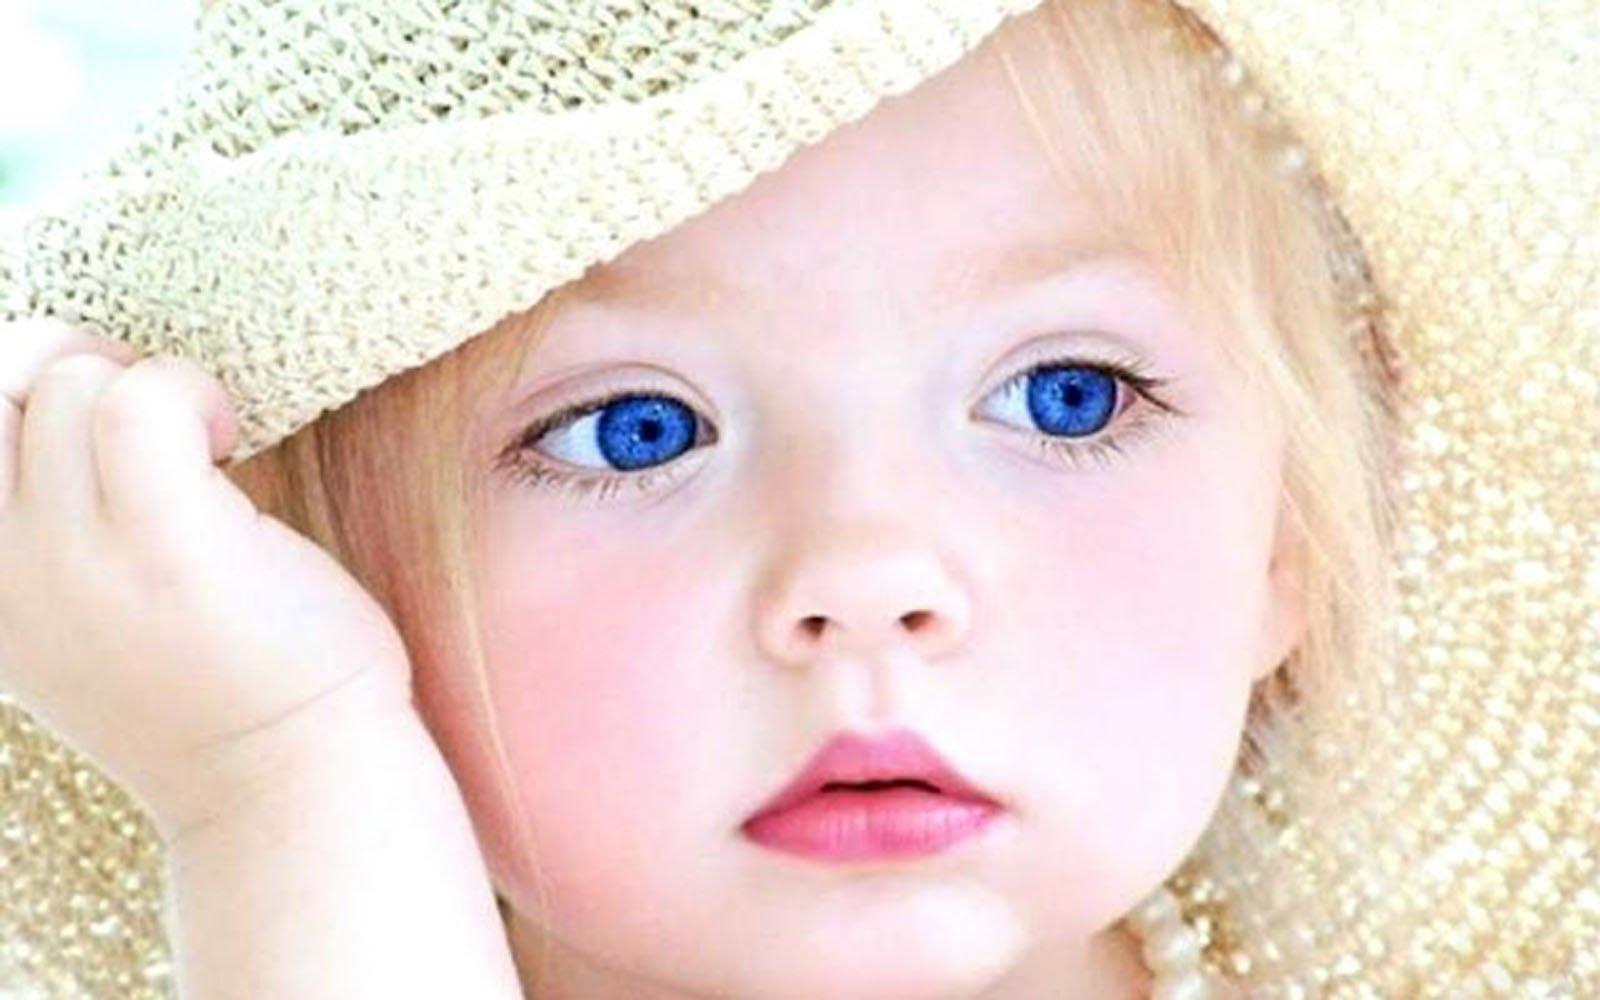 صورة اجمل الصور للاطفال البنات , احلى صور بنات